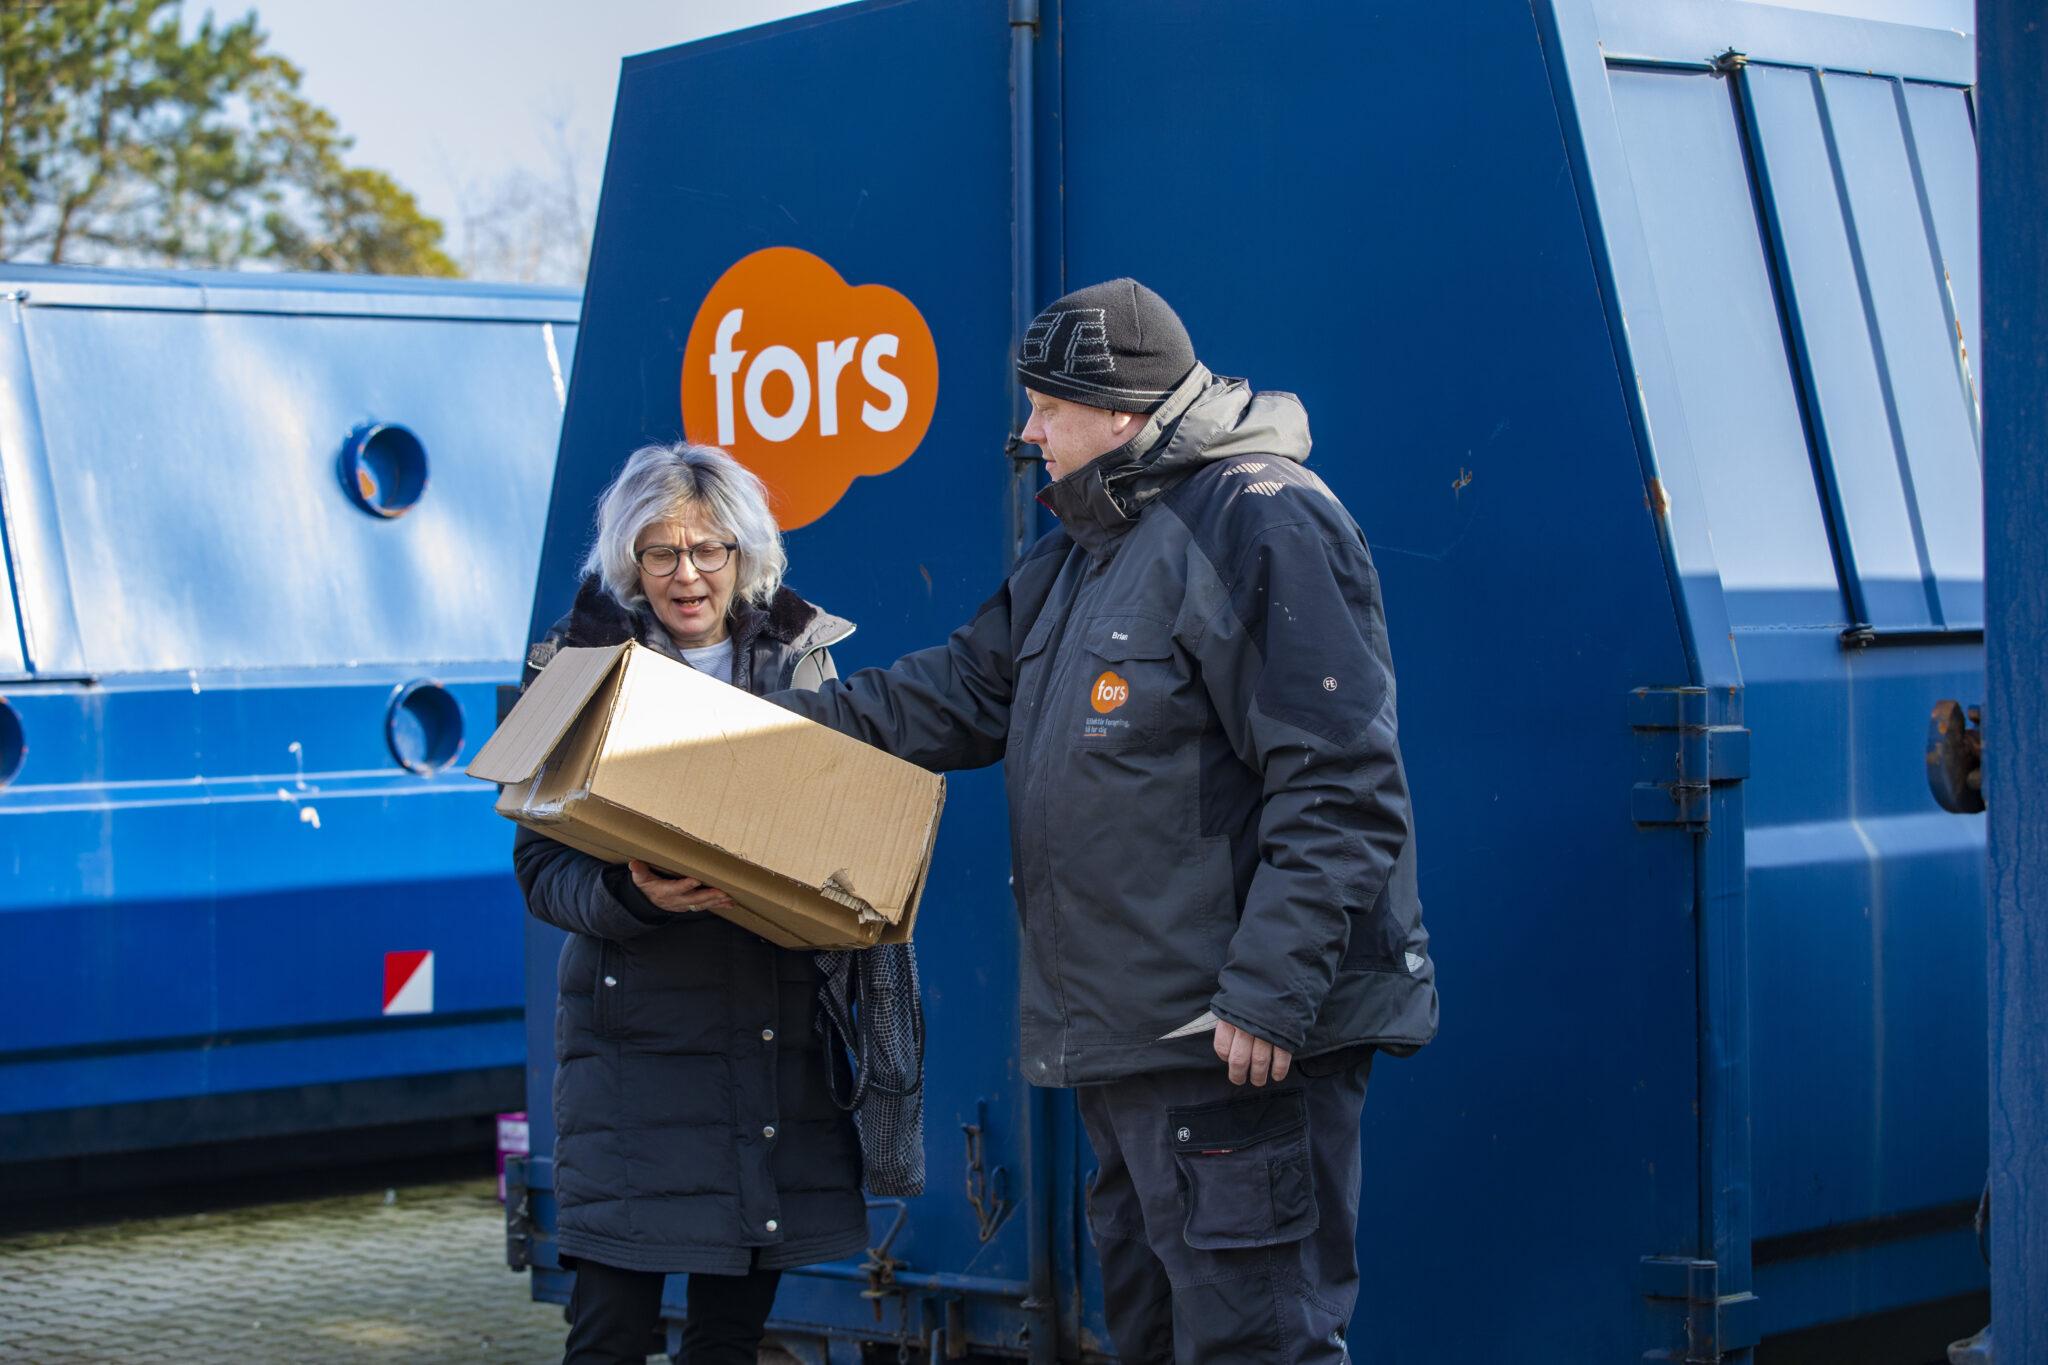 kunde-genbrugsplads